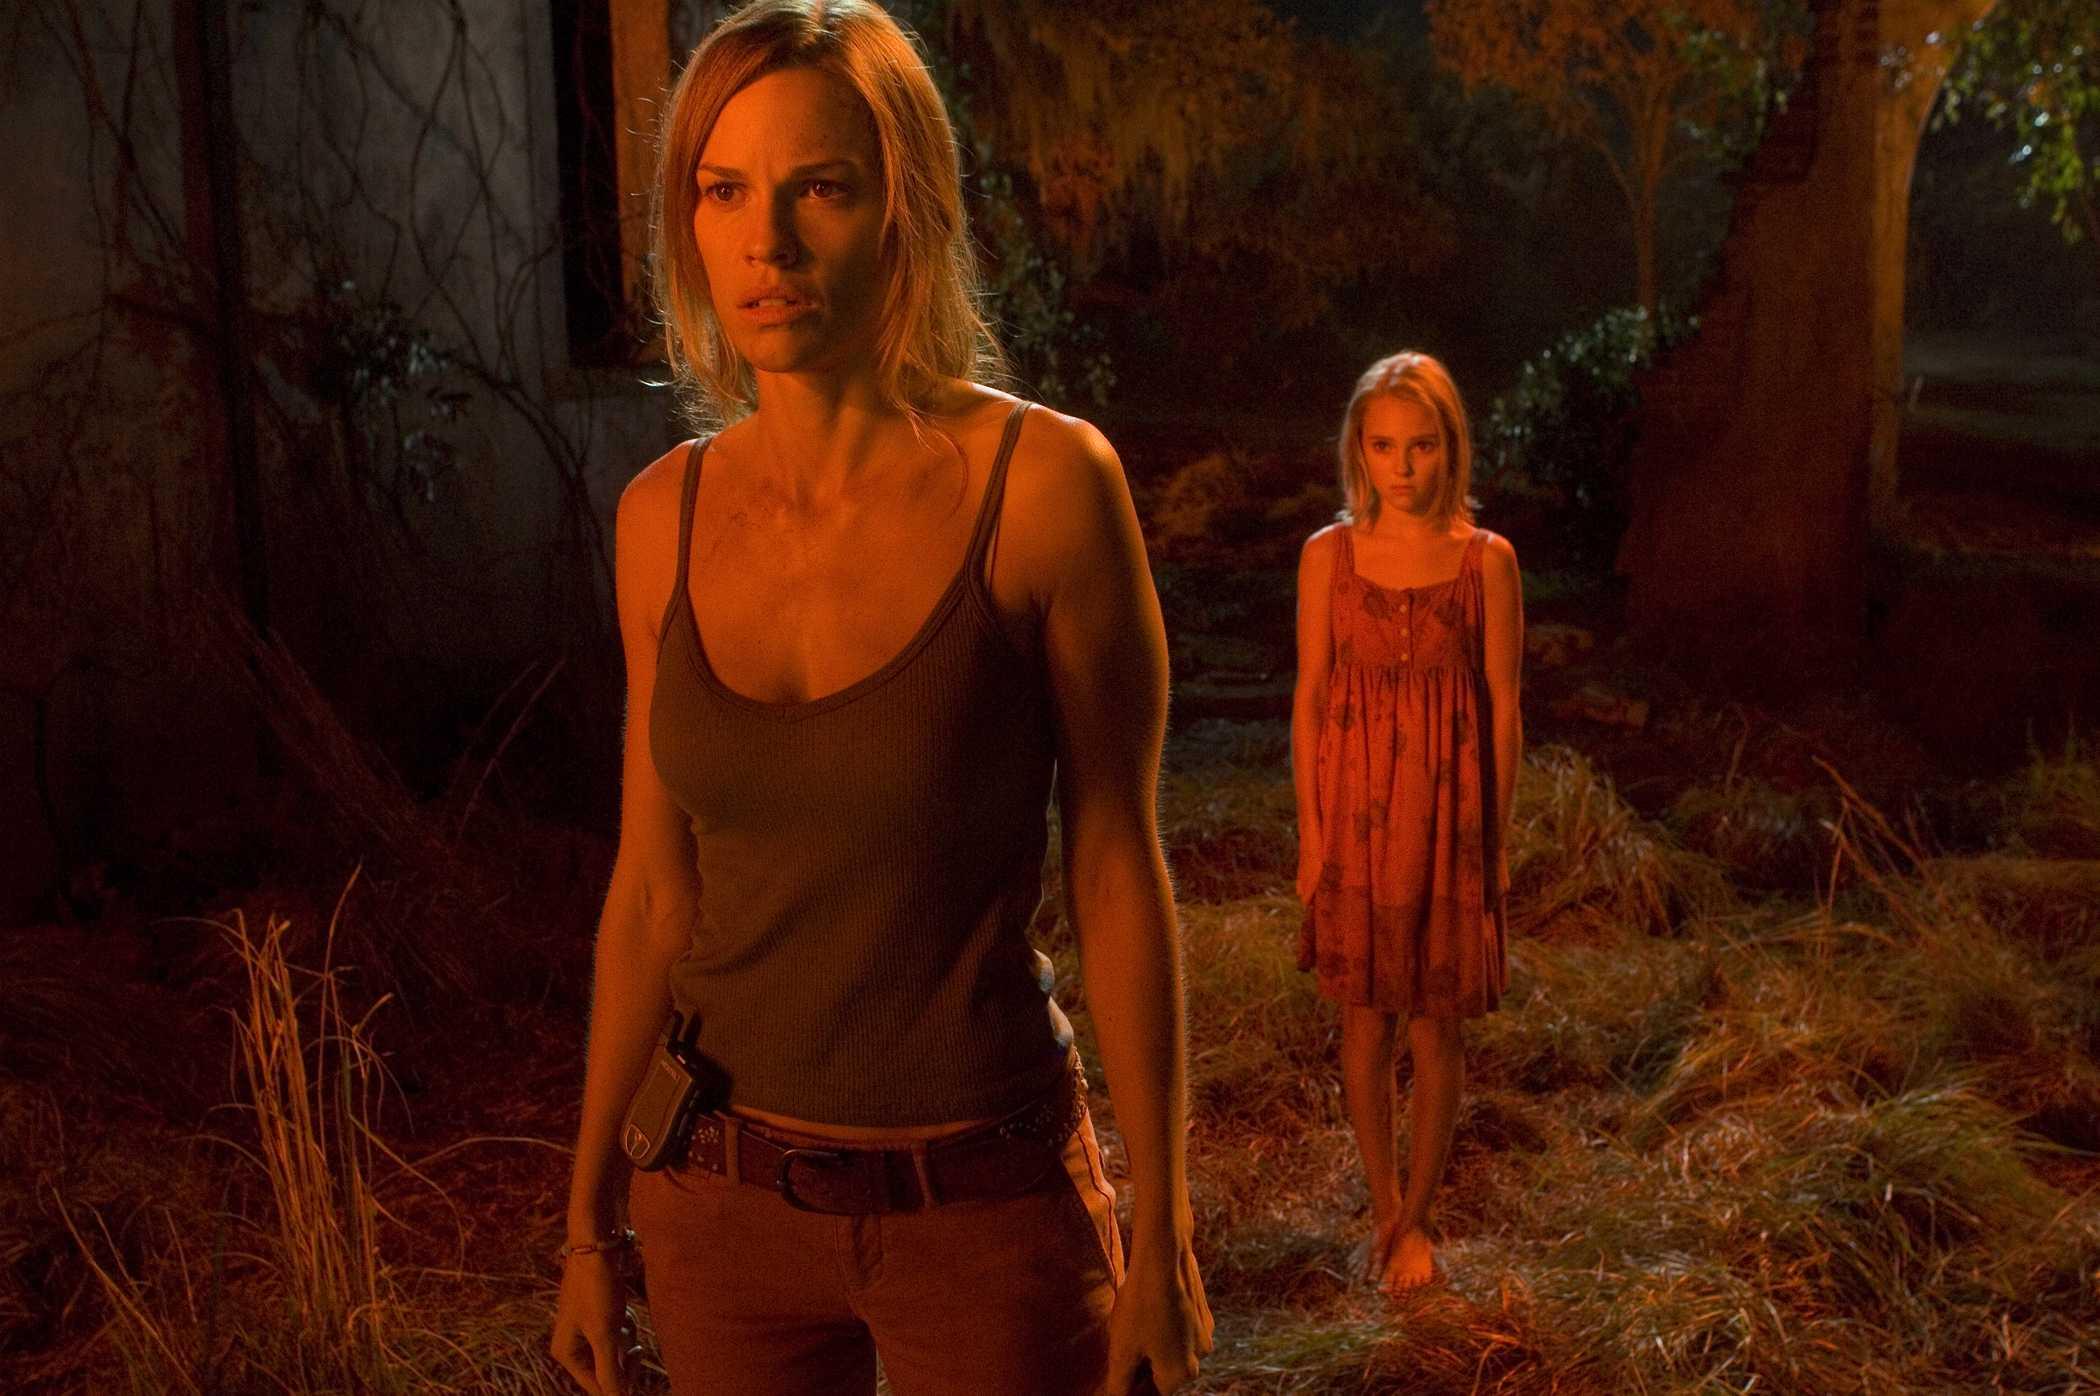 Главная героиня знаменита оригинальным хобби — она развеивает мифы. Задумав разоблачить очередную зл